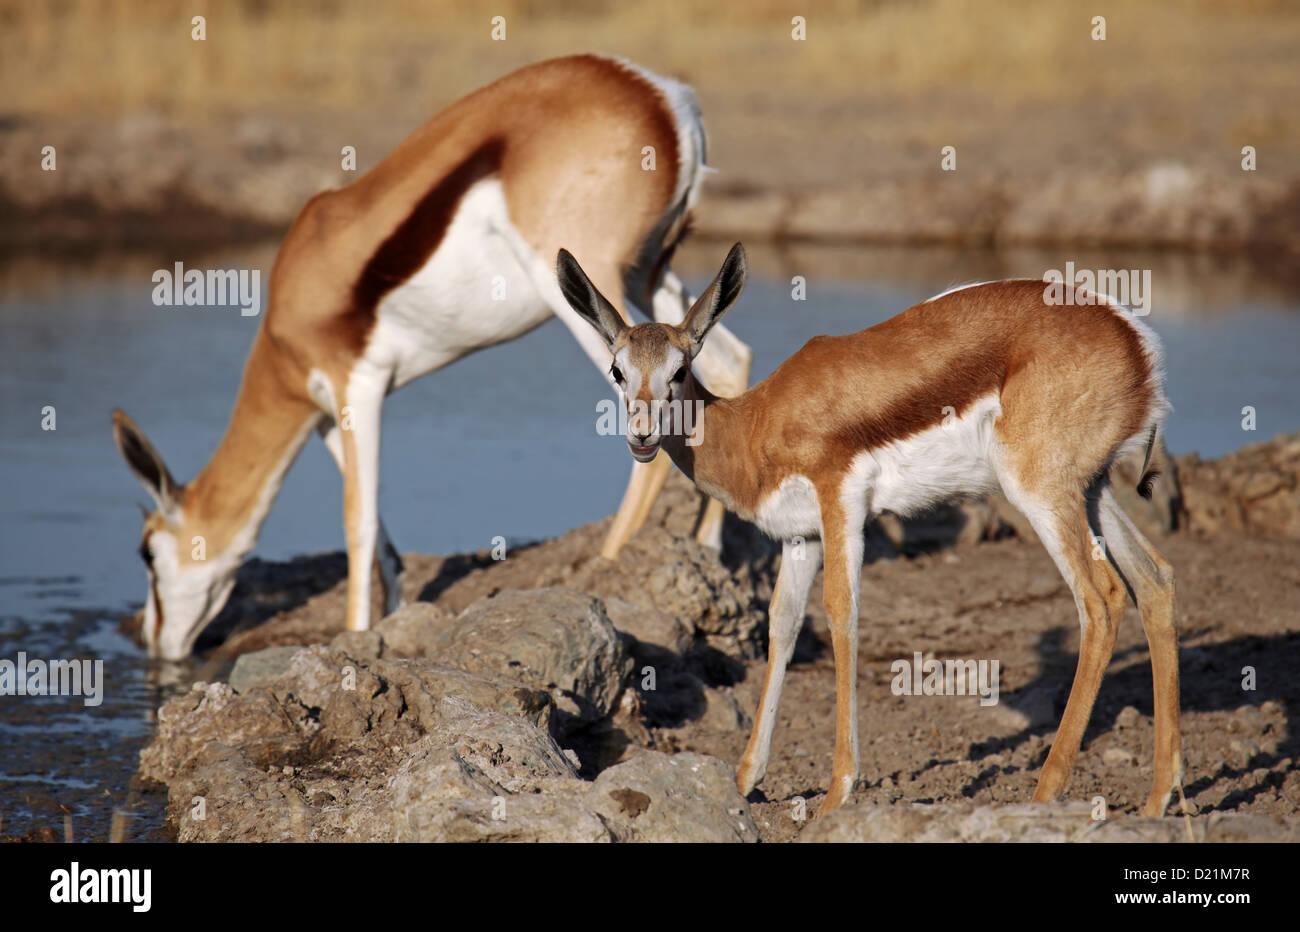 Springboks, Central Kalahari Game Reserve, Botsuana, wildlife - Stock Image